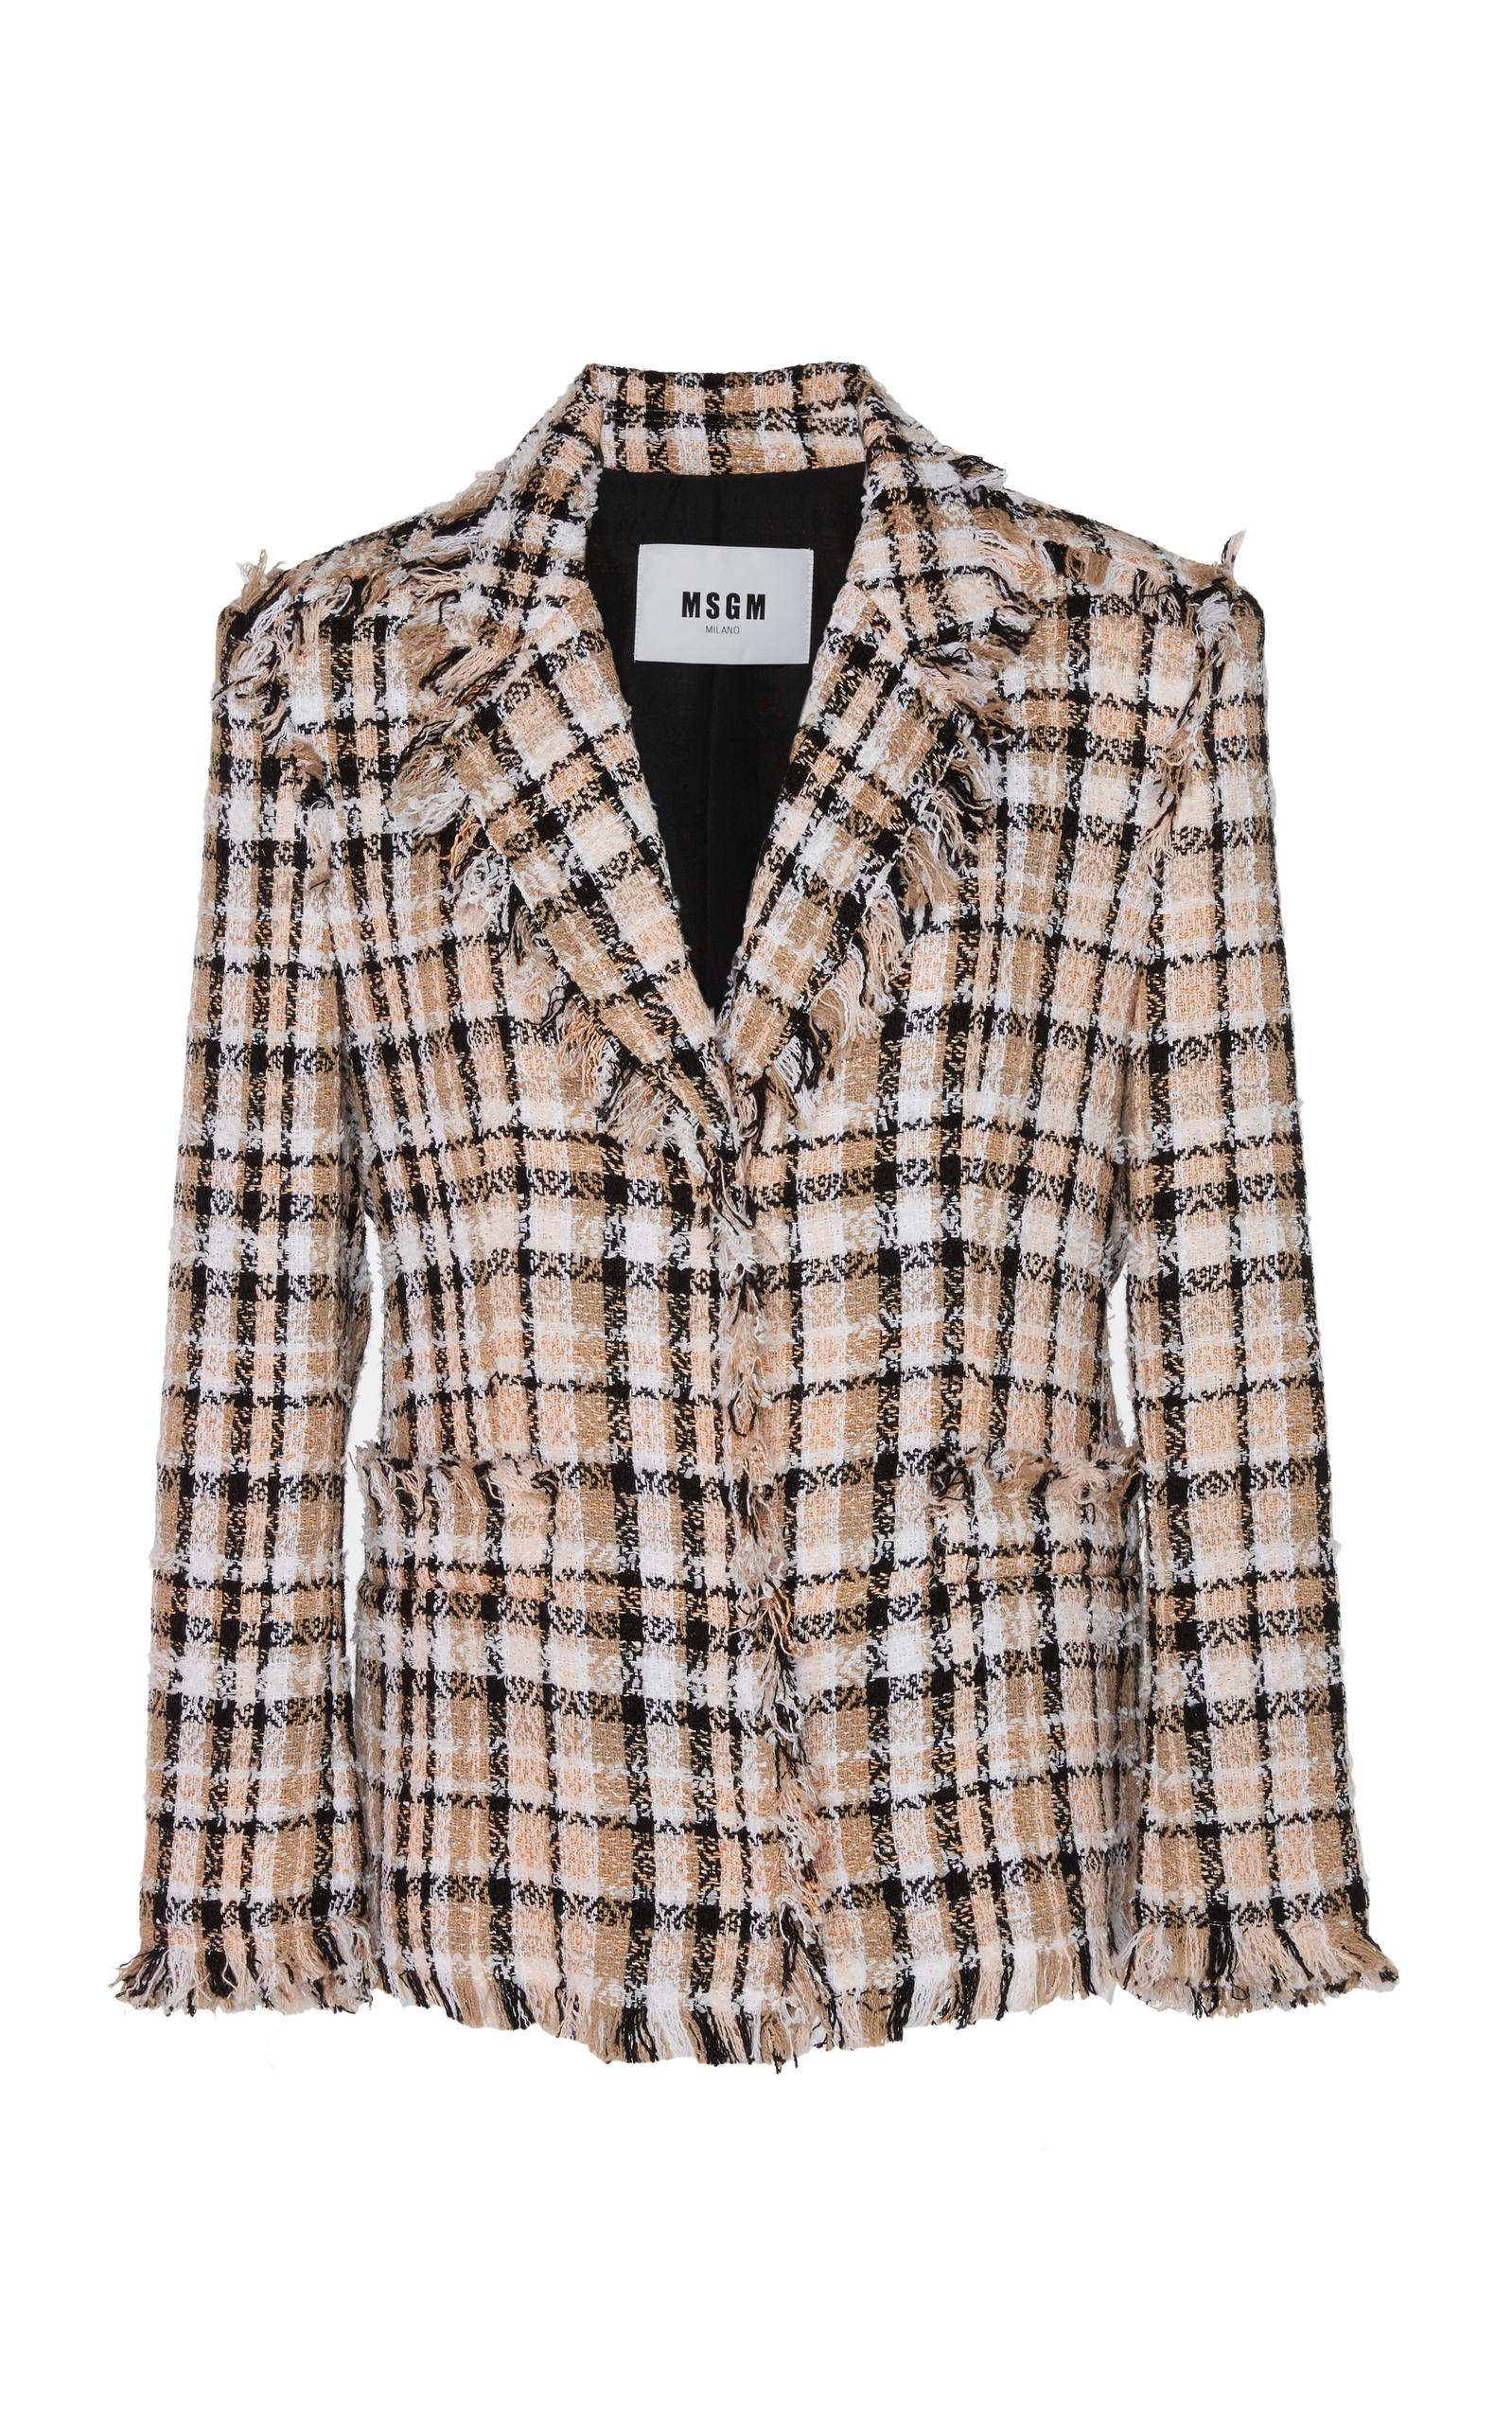 芸能人がバズリズム02で着用した衣装スカート、ジャケット